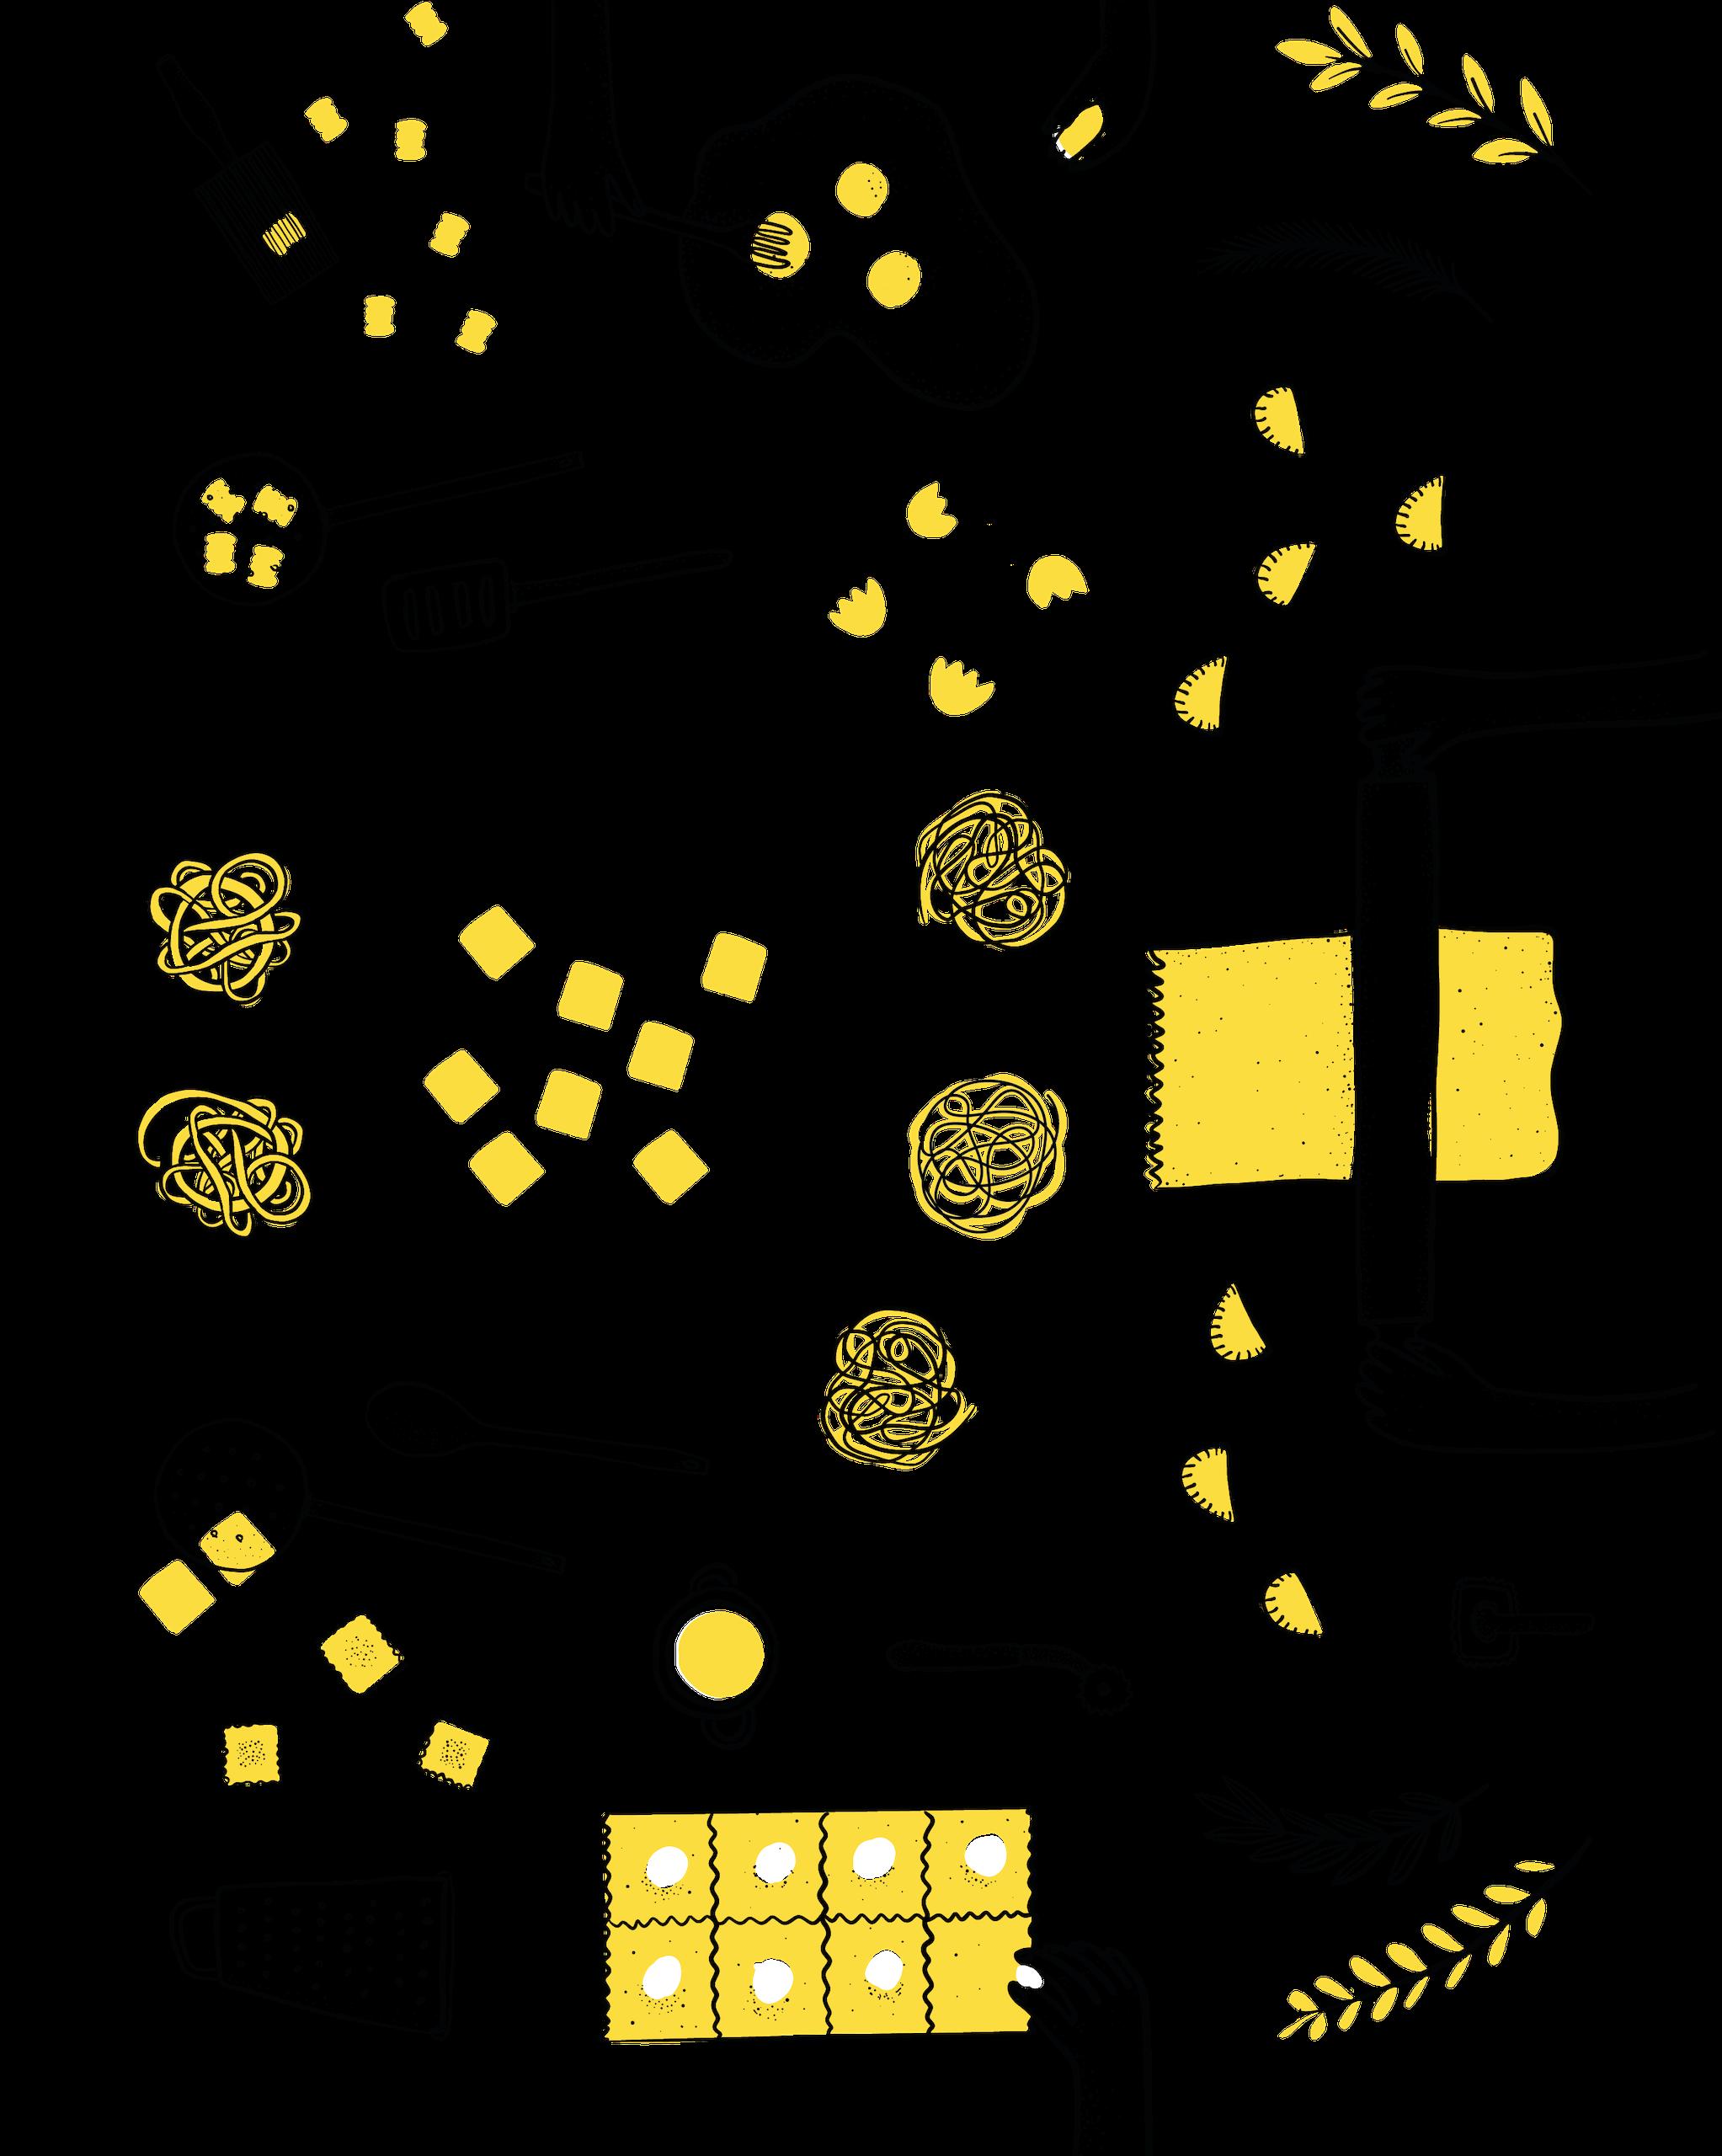 Graphic illustration of hands preparing pasta.